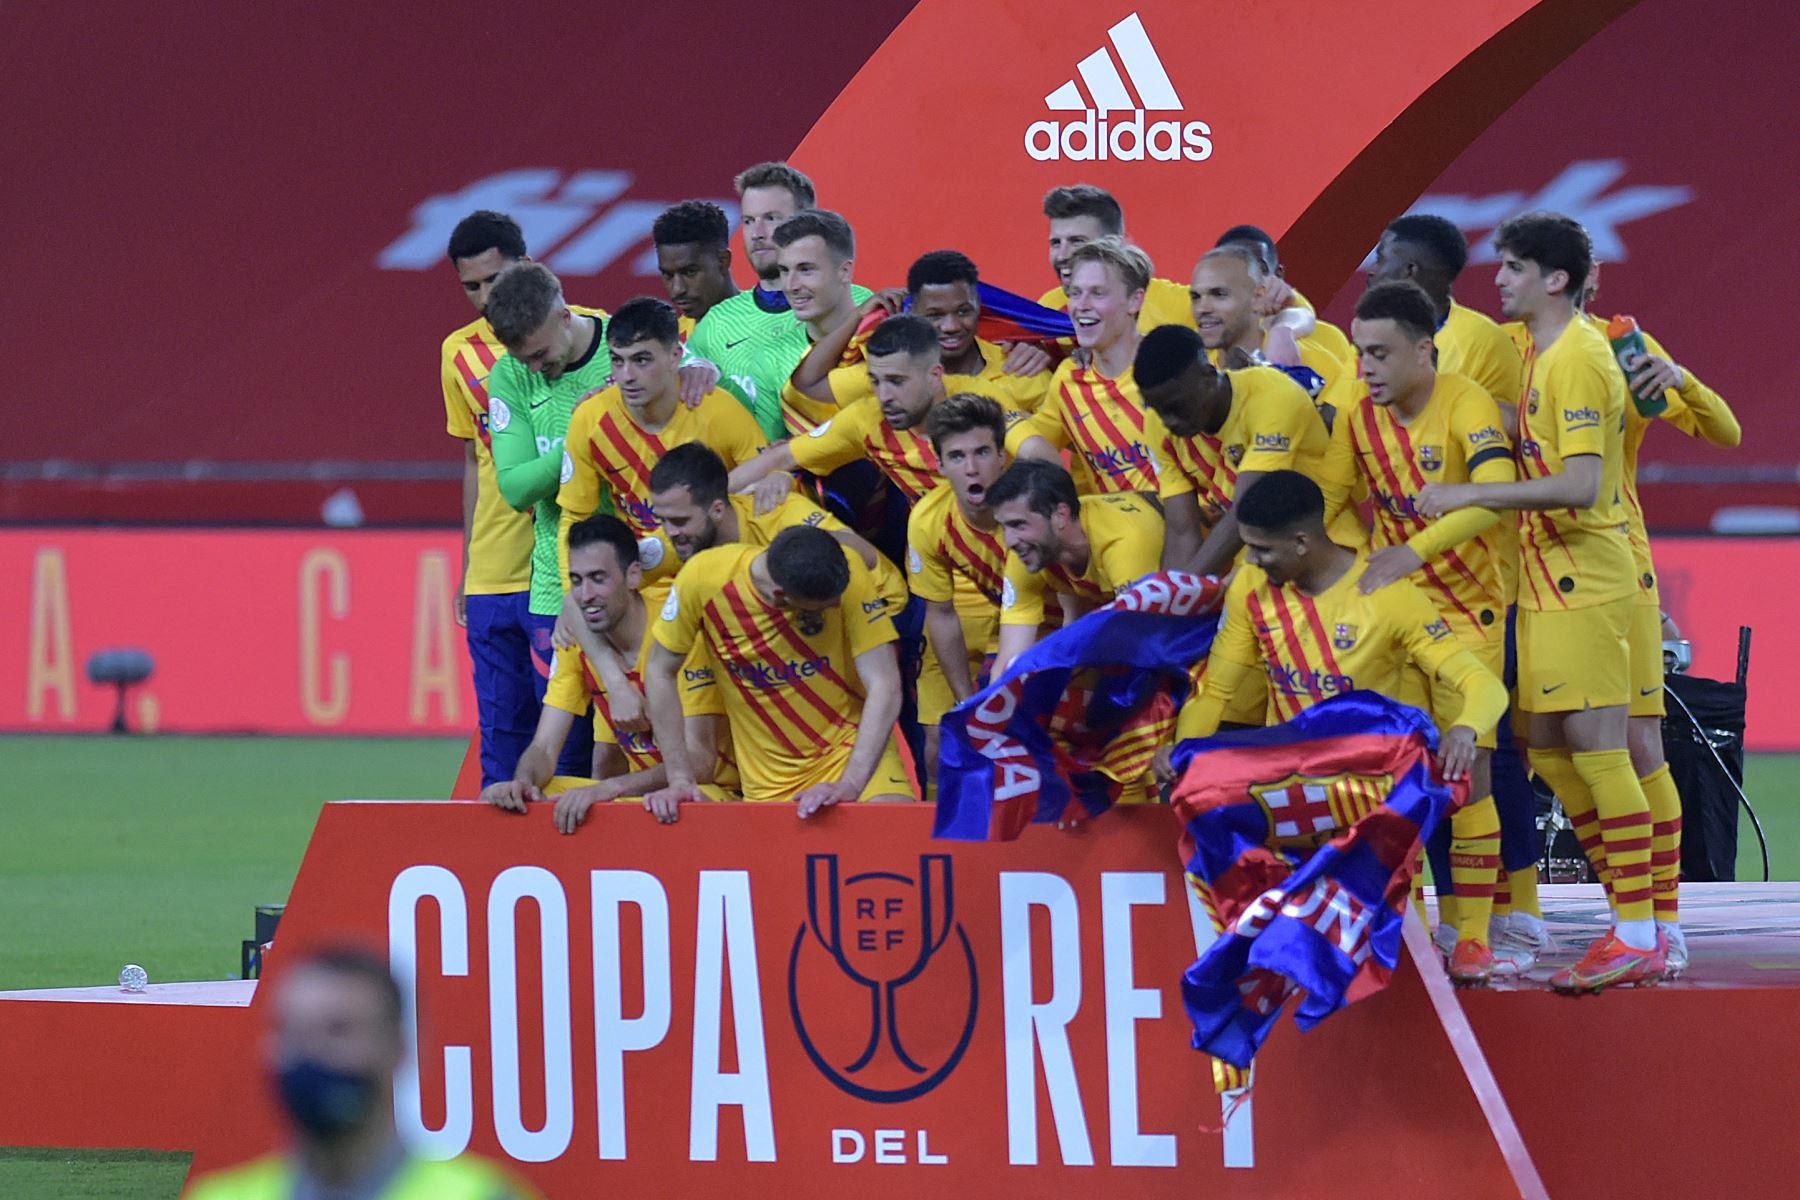 Los jugadores del Barcelona celebran la final de la Copa del Rey de España entre el Athletic Club de Bilbao y el FC Barcelona en el estadio de La Cartuja de Sevilla. Foto: AFP